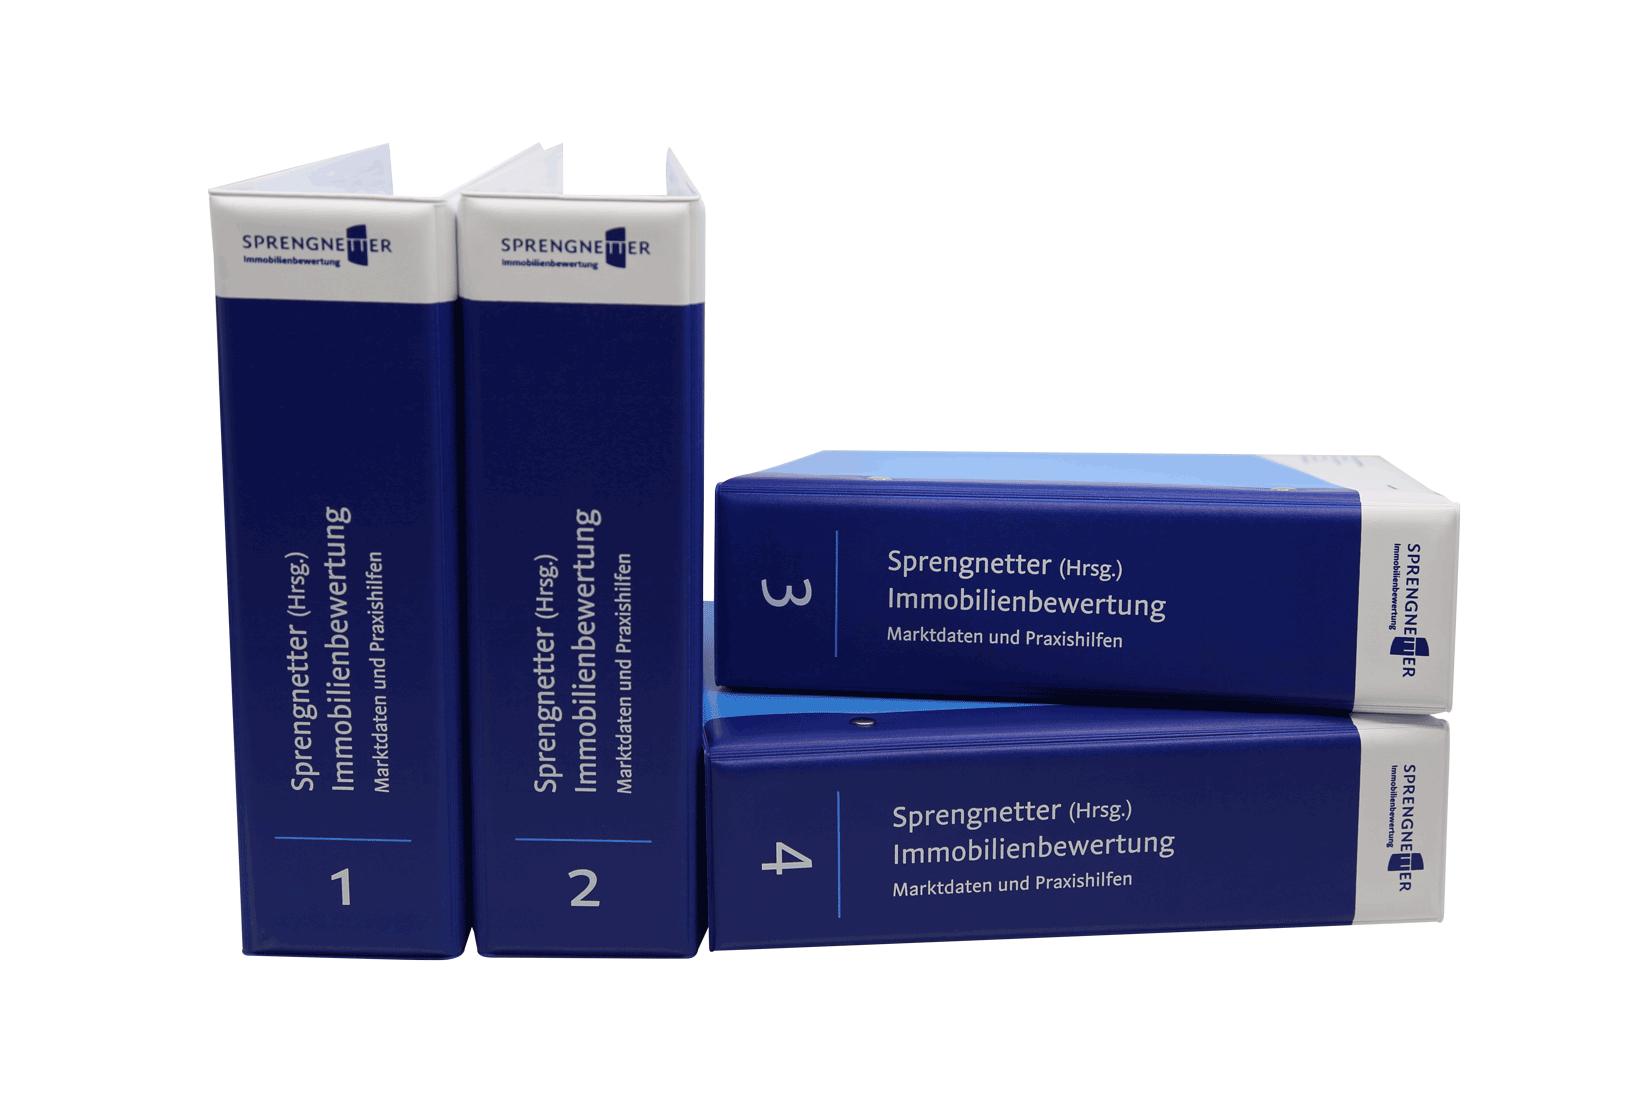 Einbanddecken Band 1 - 4 (Marktdaten und Praxishilfen)